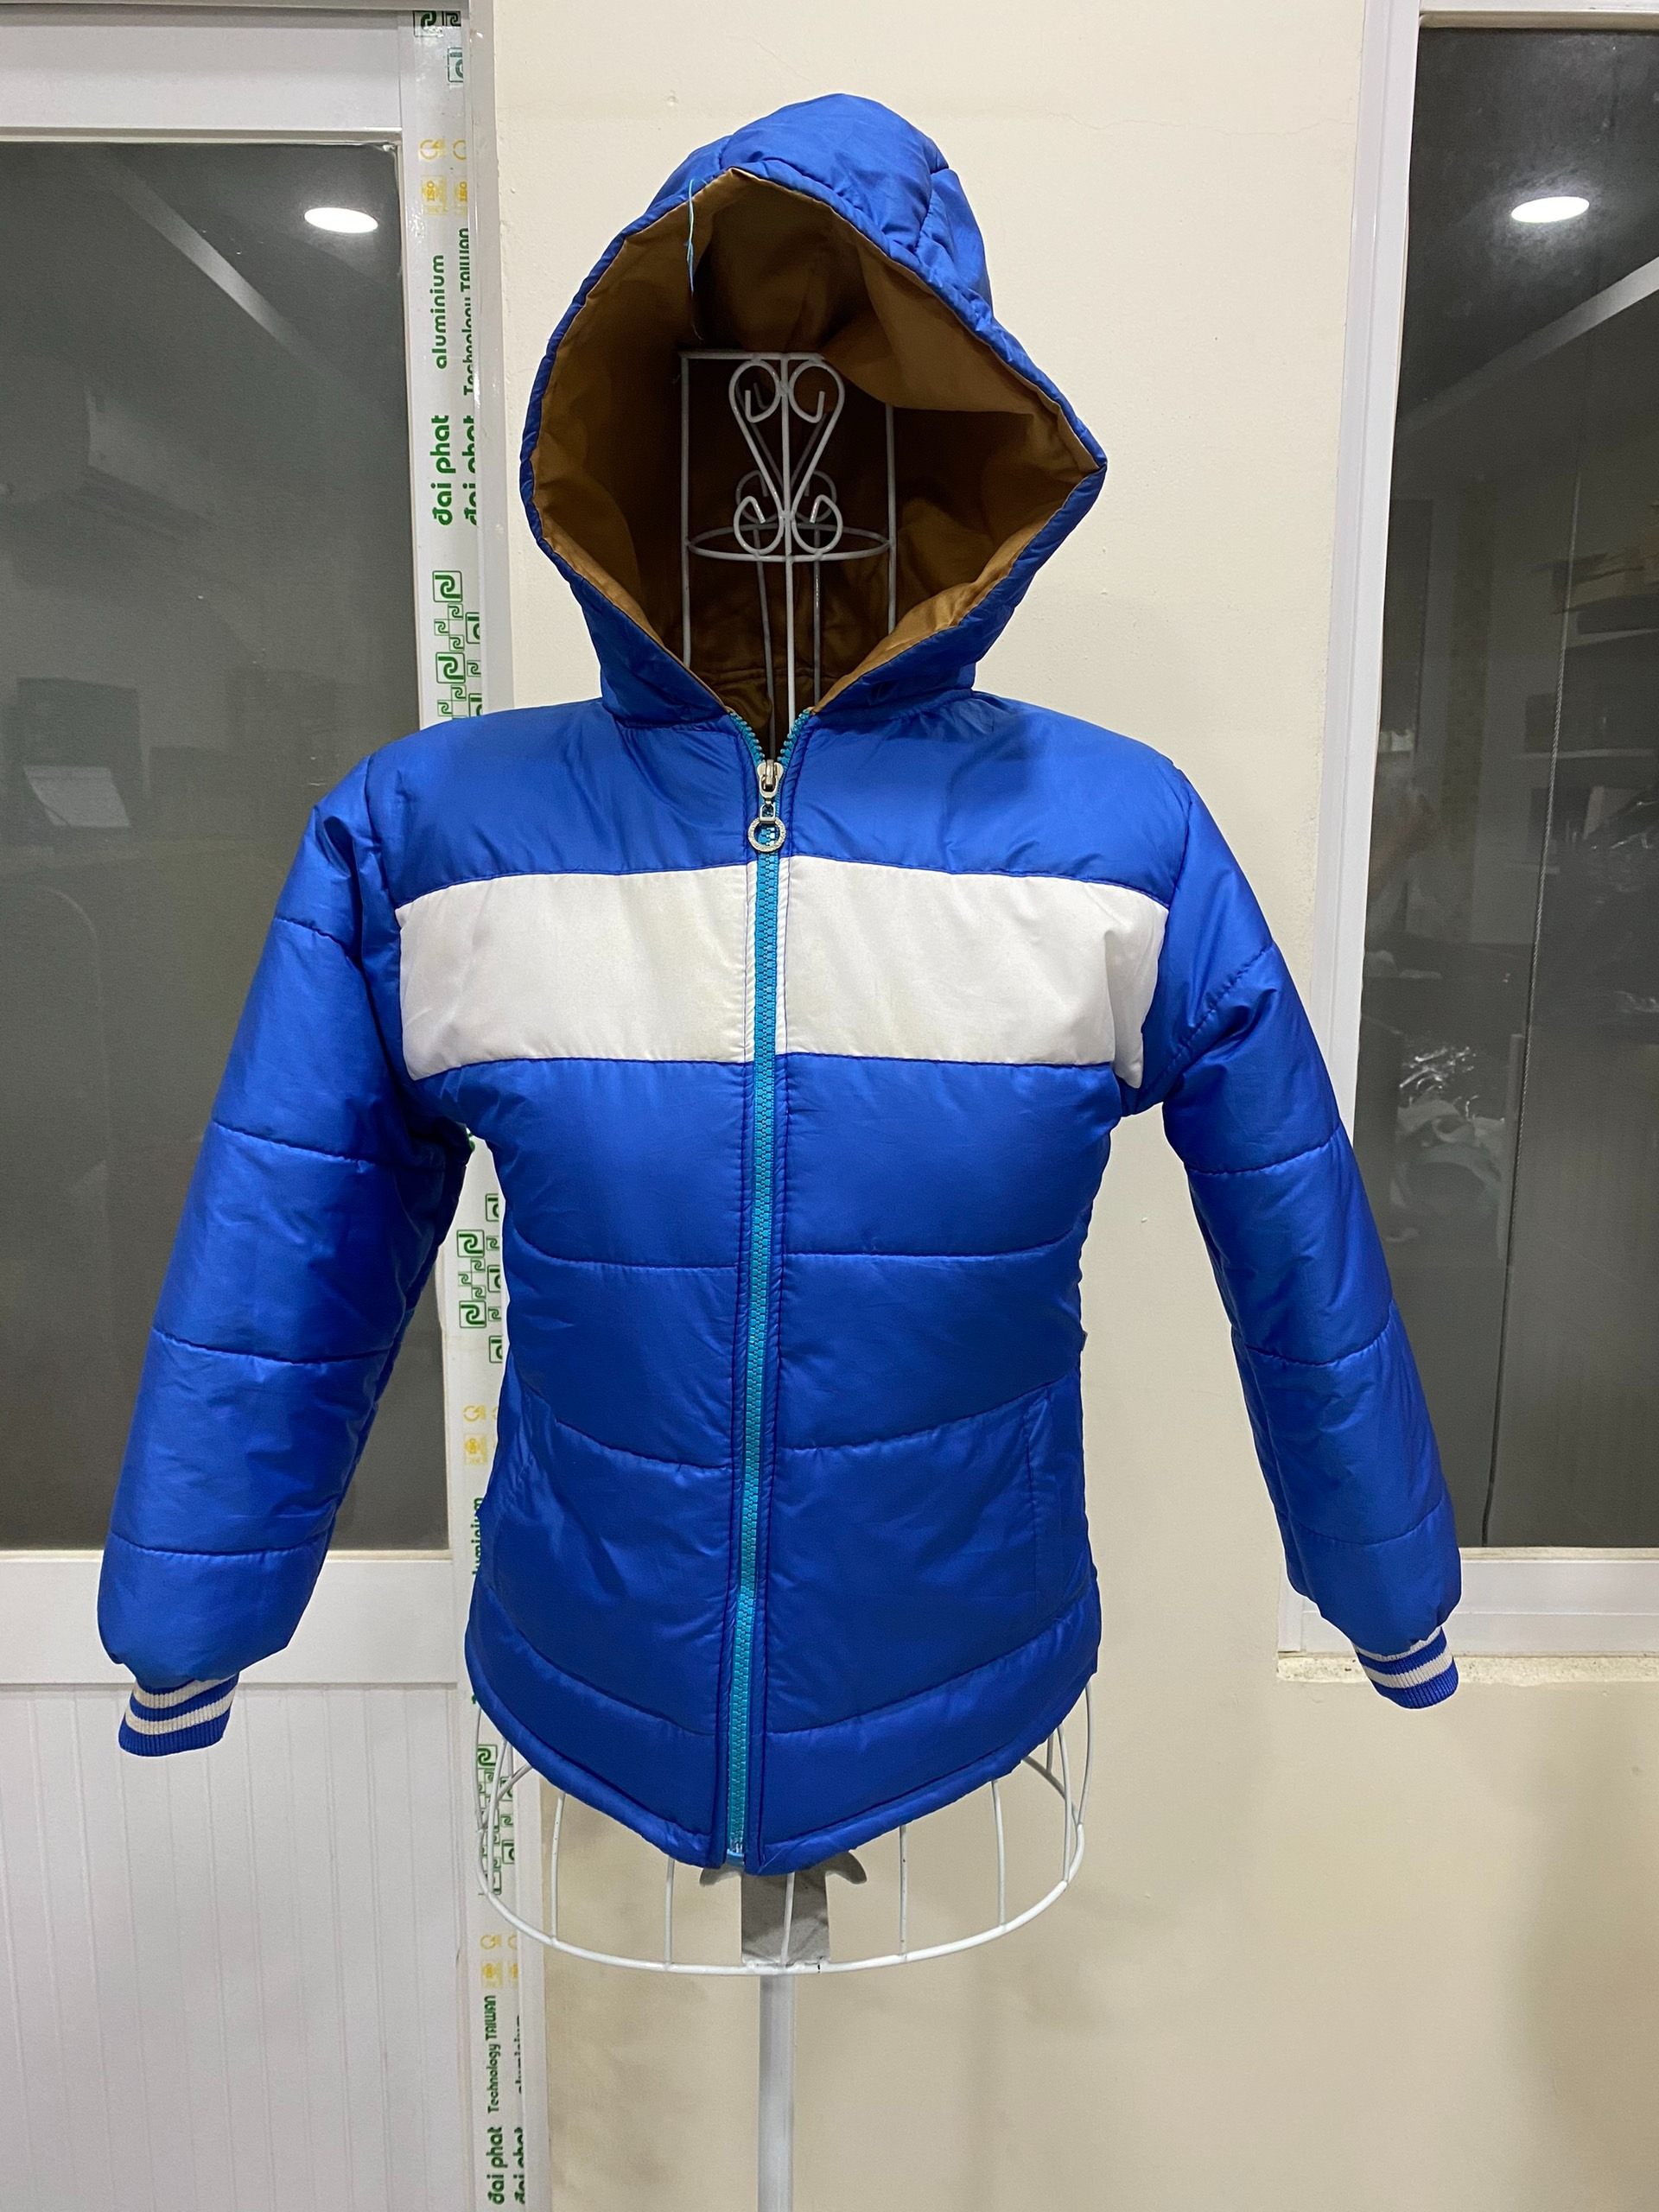 May áo khoác trẻ em, áo ấm từ thiện, áo phao từ thiện hỗ trợ các mạnh thường quân với giá rẻ, cạnh tranh nhất thị trường